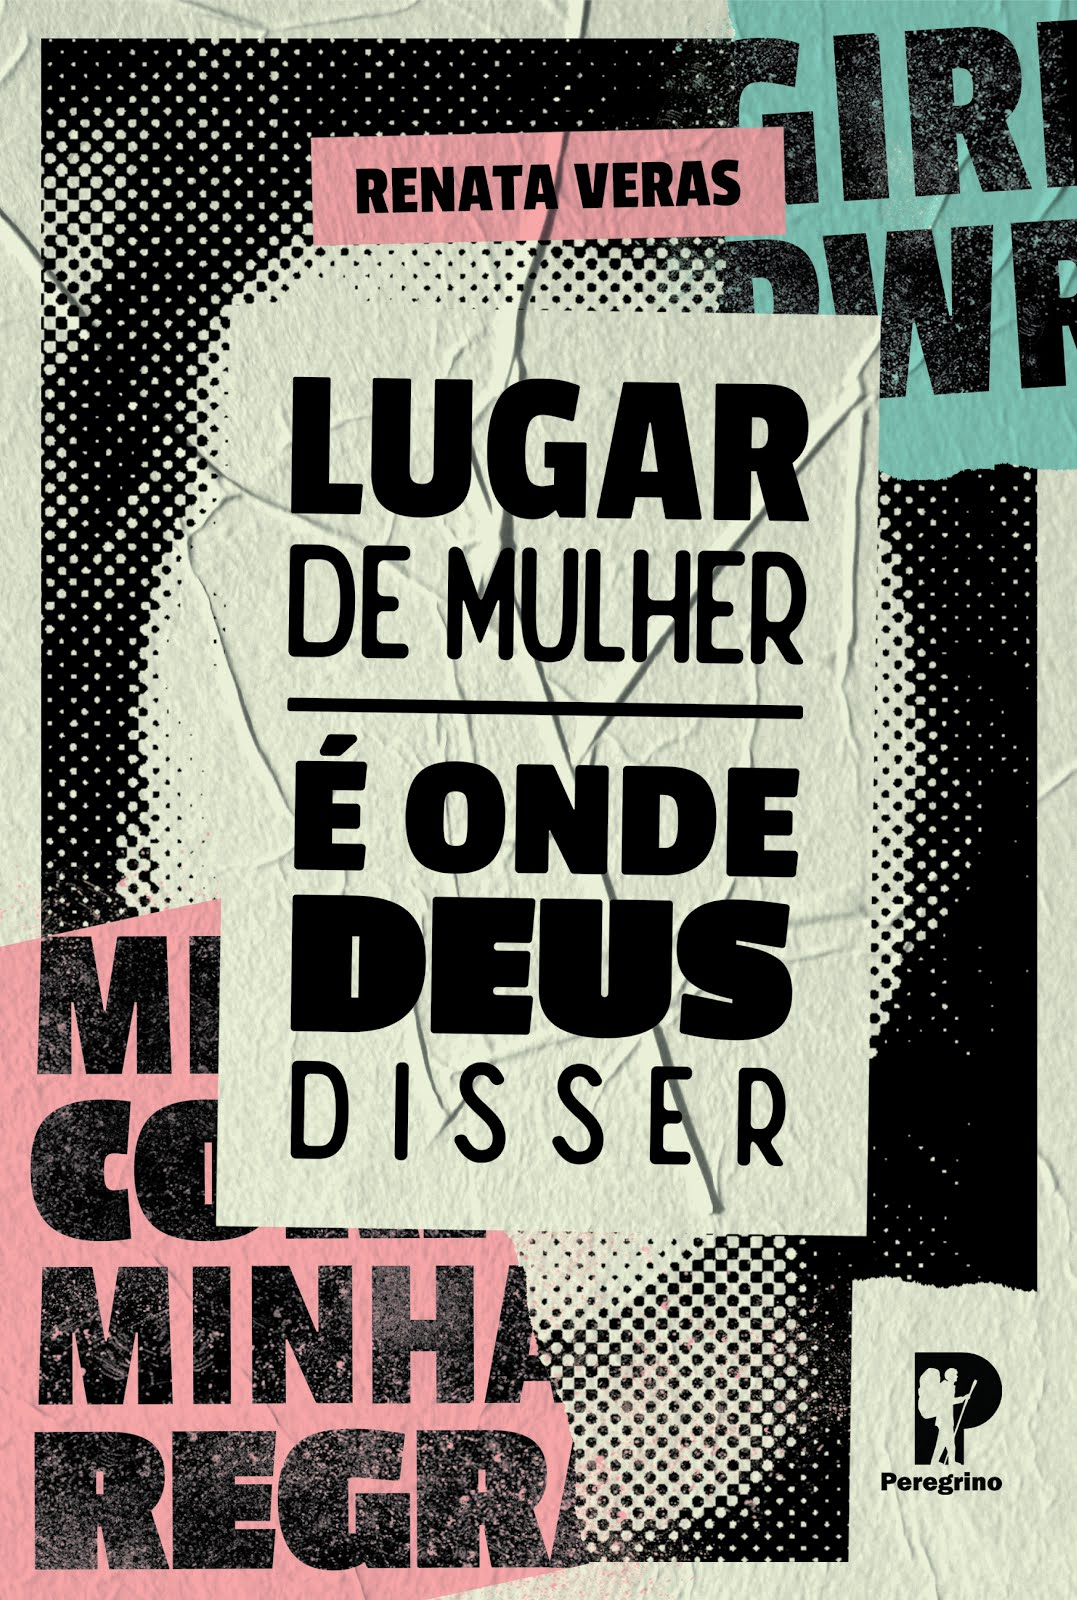 LIVRO: LUGAR DE MULHER É ONDE DEUS DISSER